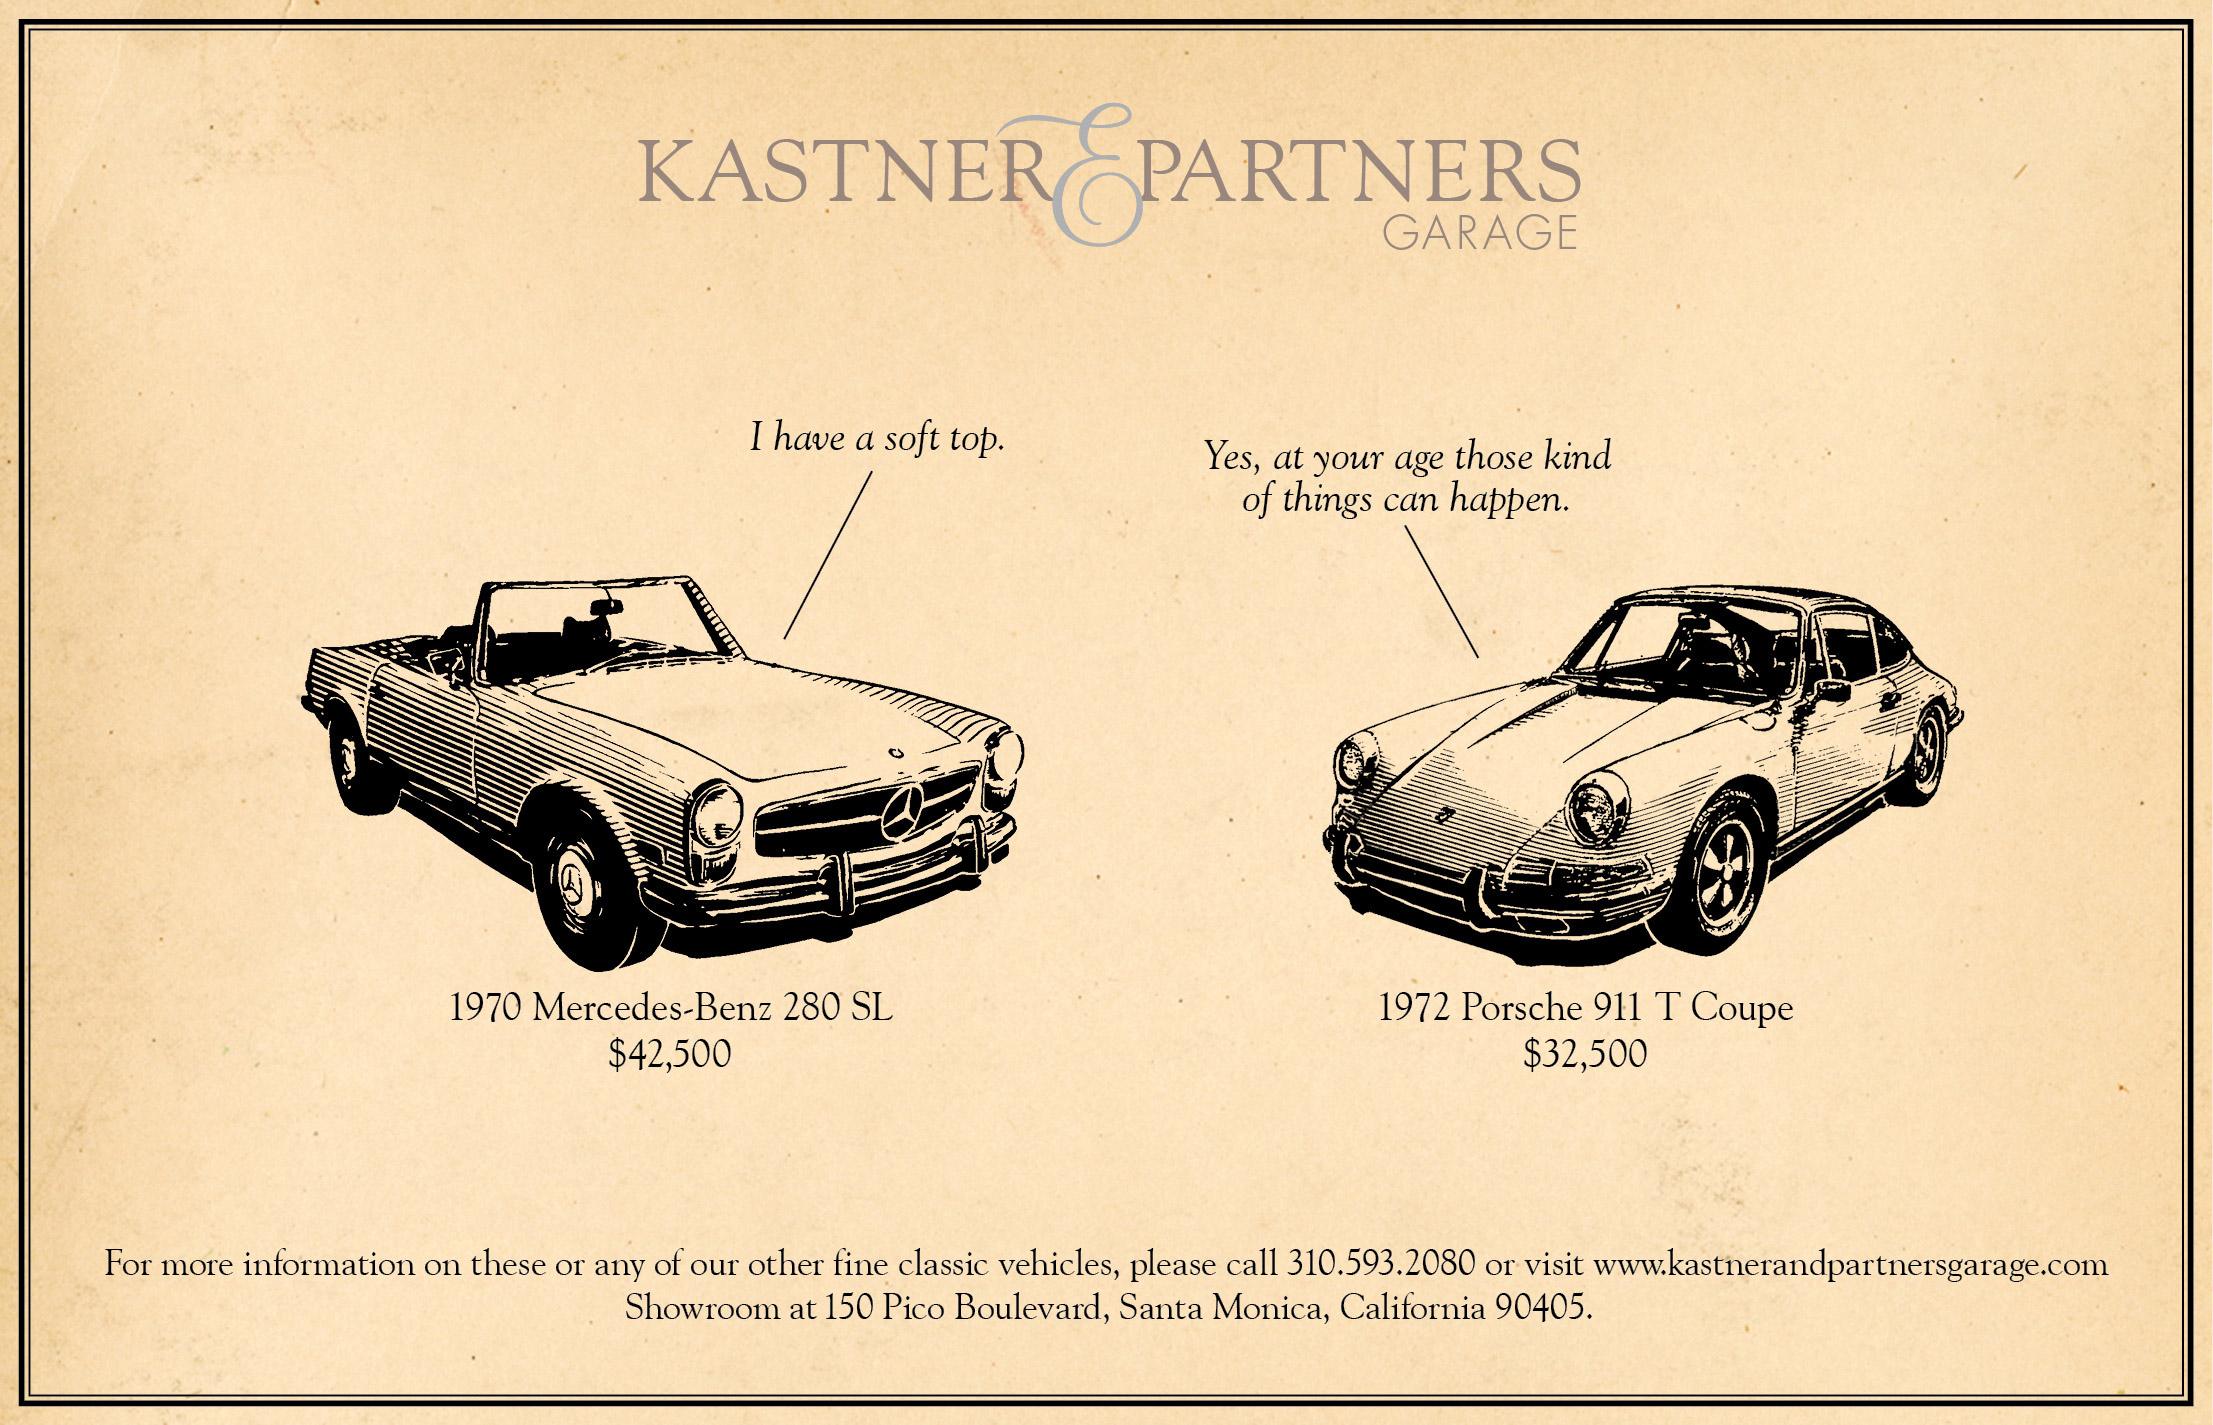 KP_Garage_Ads2_smaller.jpg